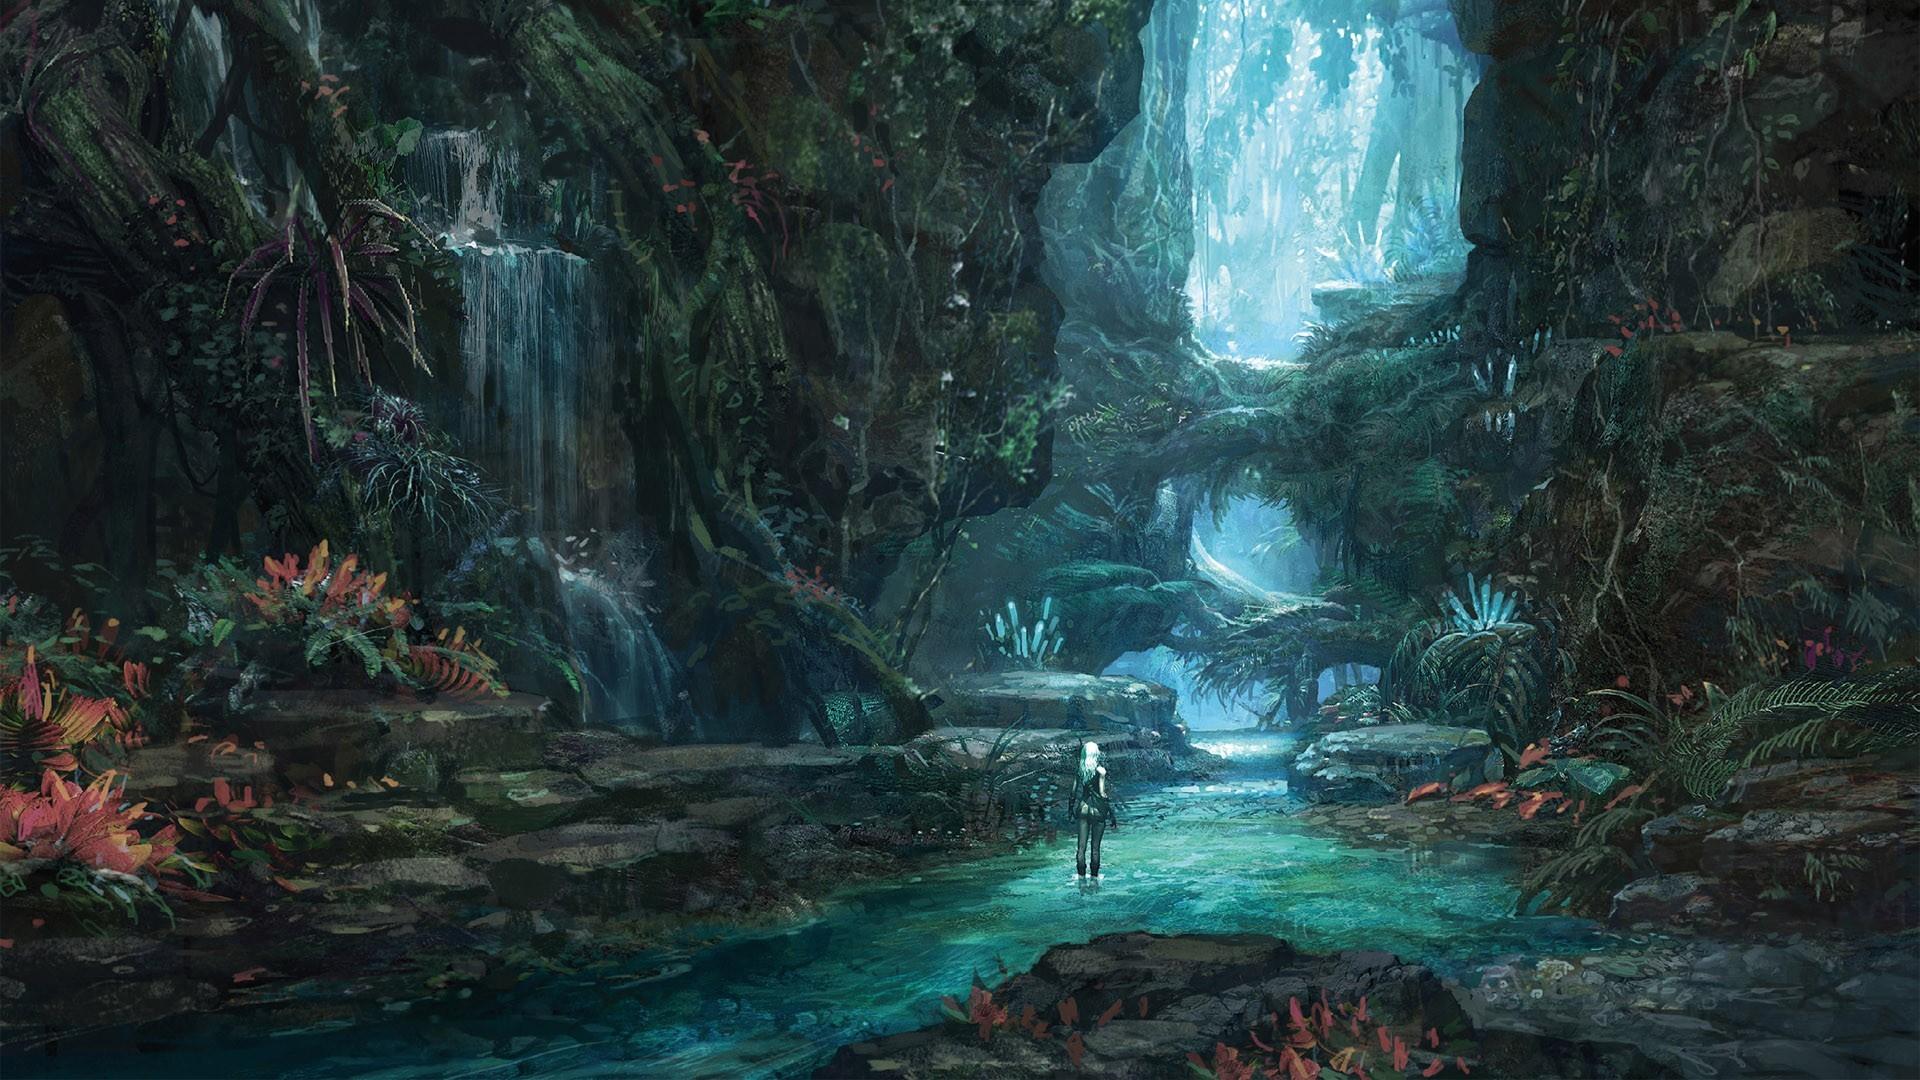 Фантастические картинки джунглей